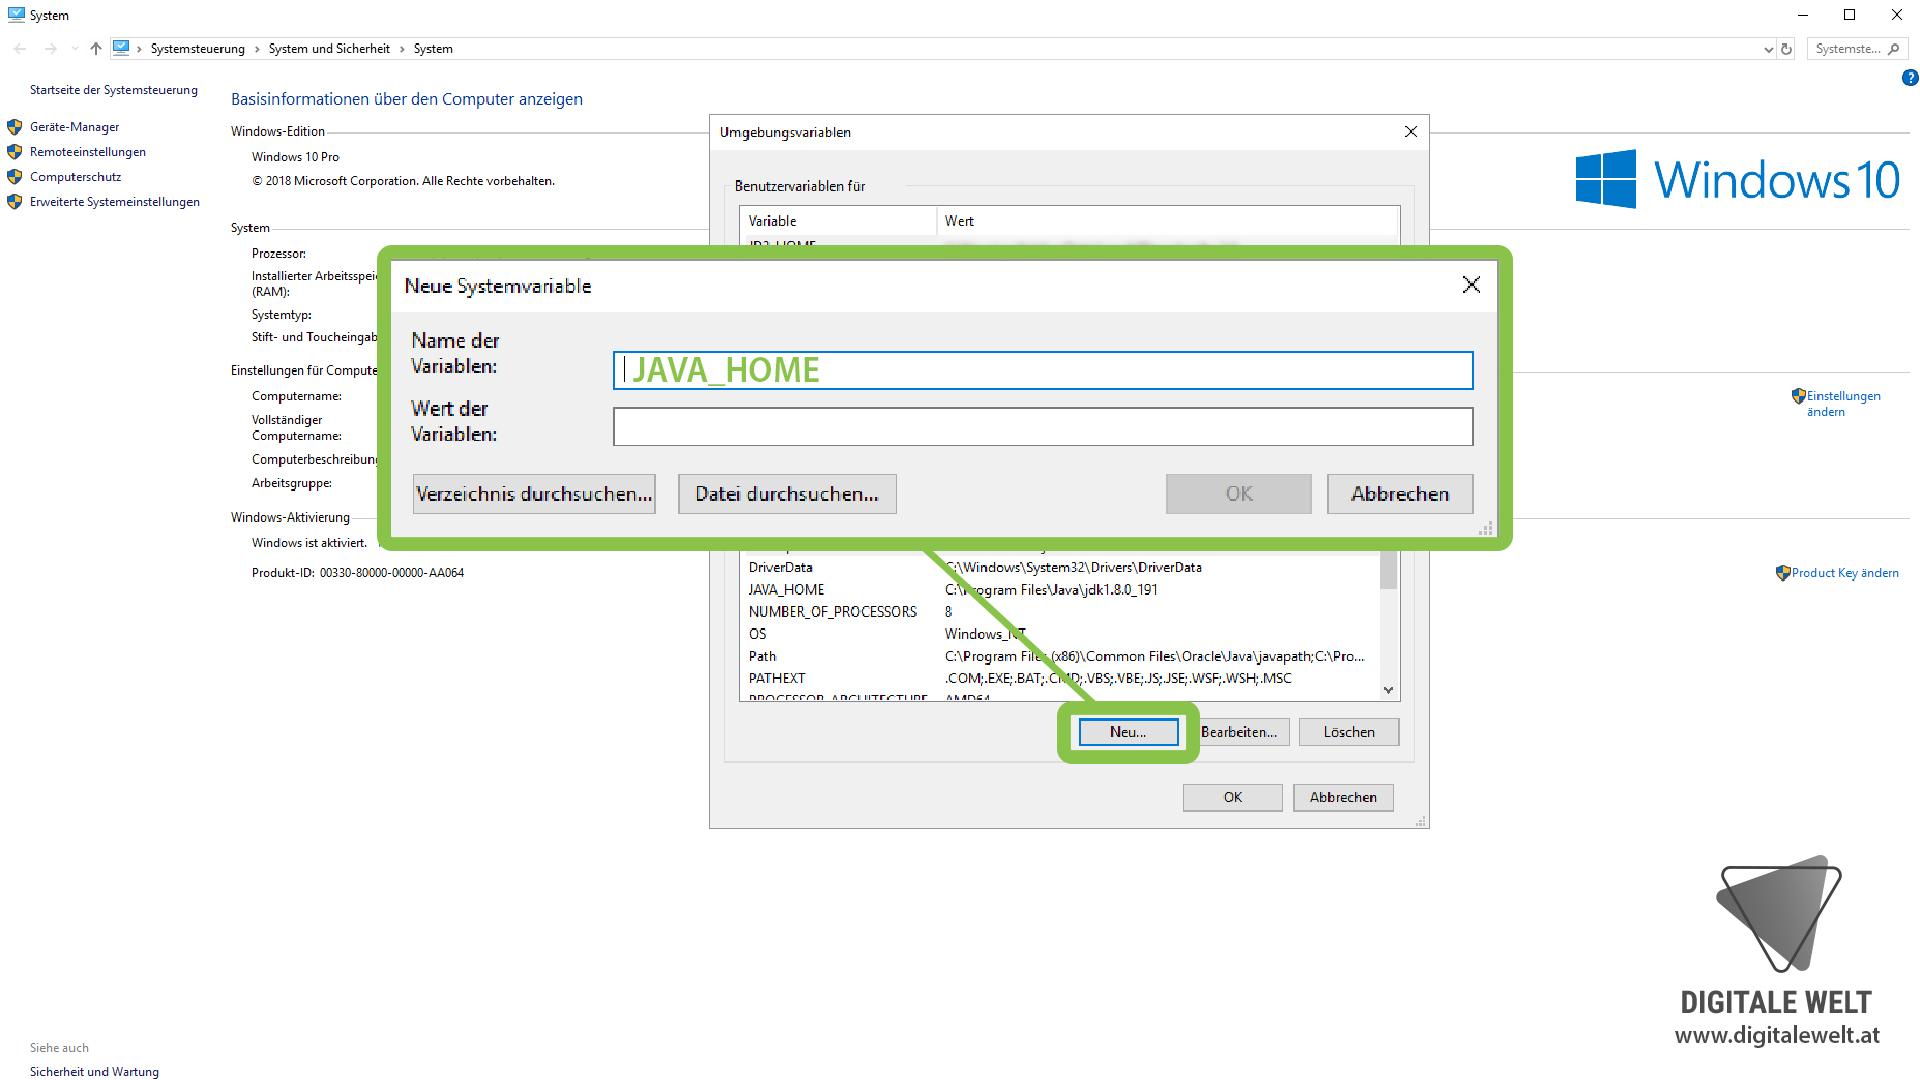 openHAB 2 Windows - Variable JAVA_HOME (DigitaleWelt)